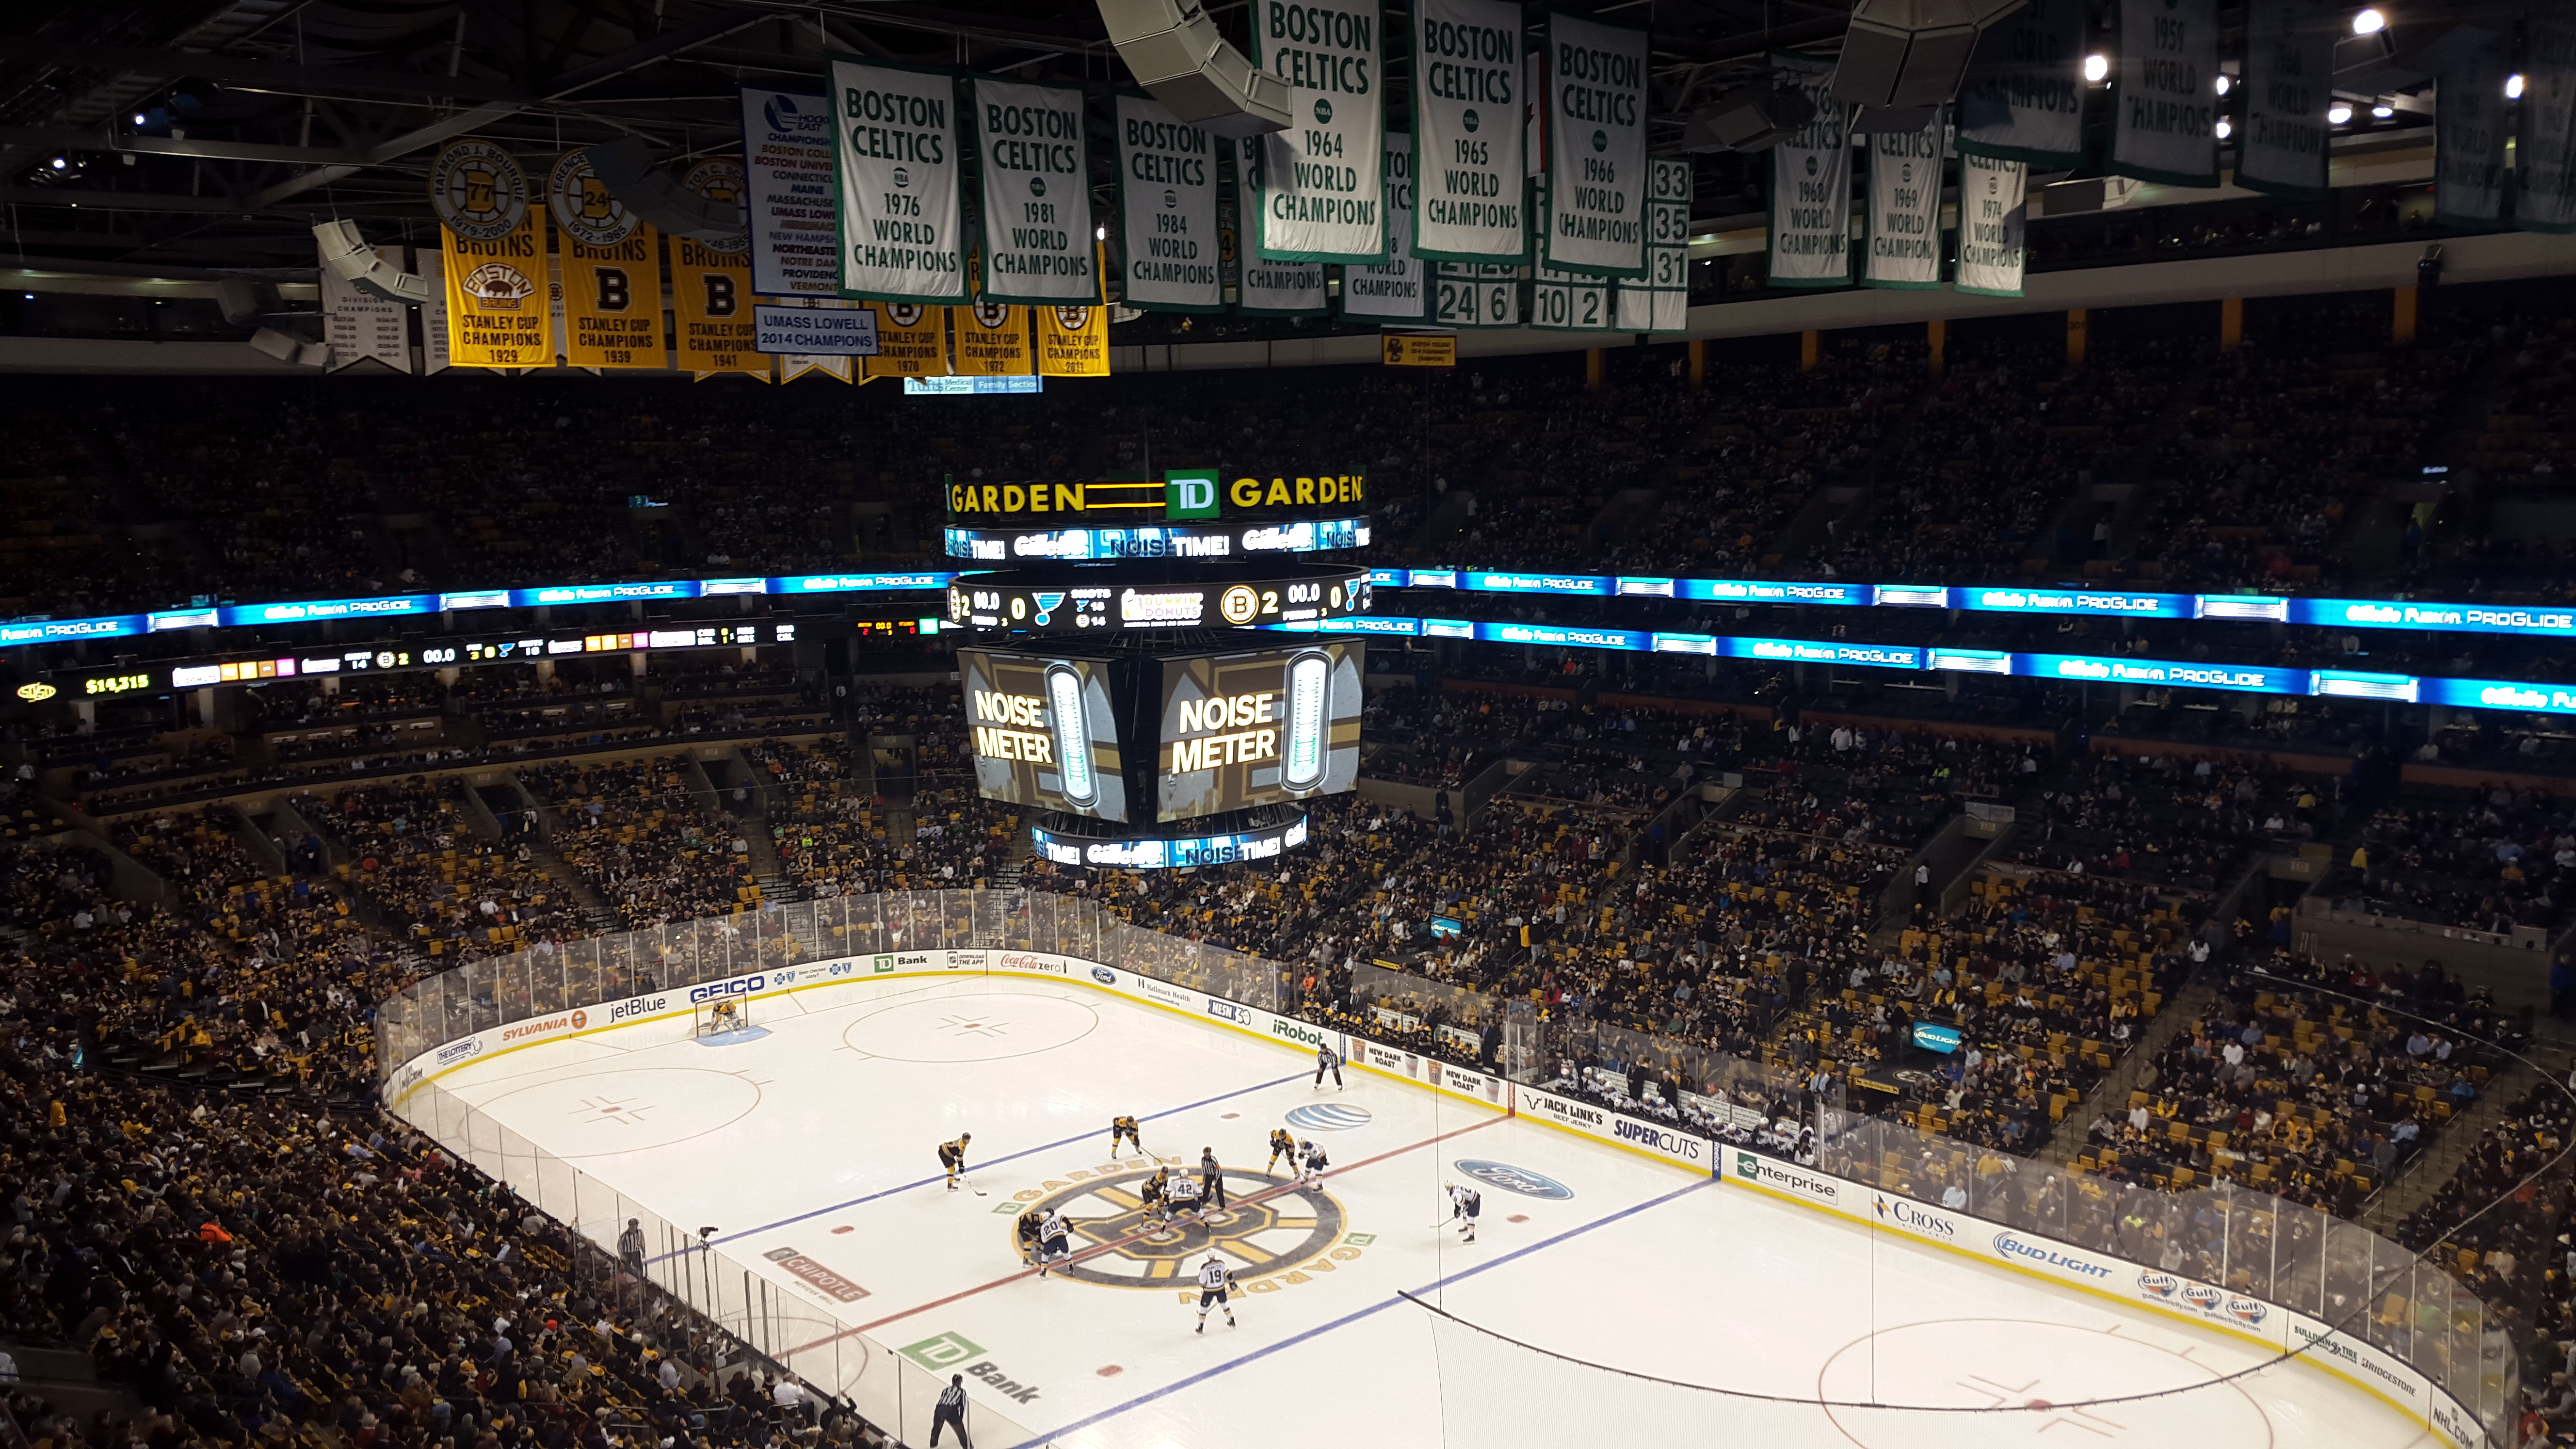 Boston Bruins Td Garden Garden Ftempo